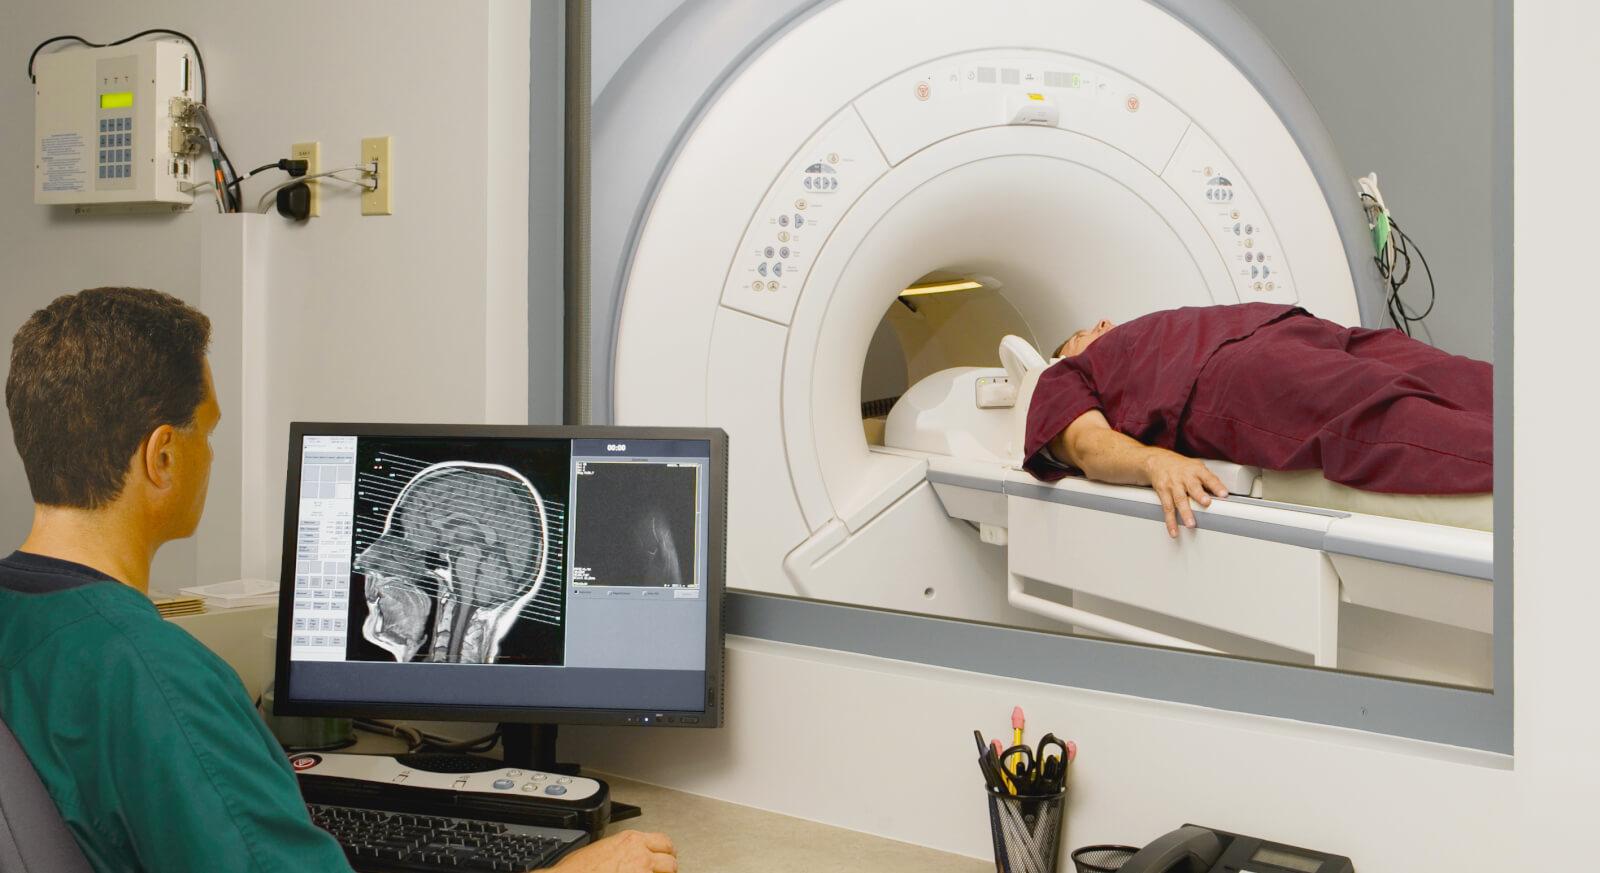 МРТ головного мозга: как проходит процедура и нужна ли подготовка?